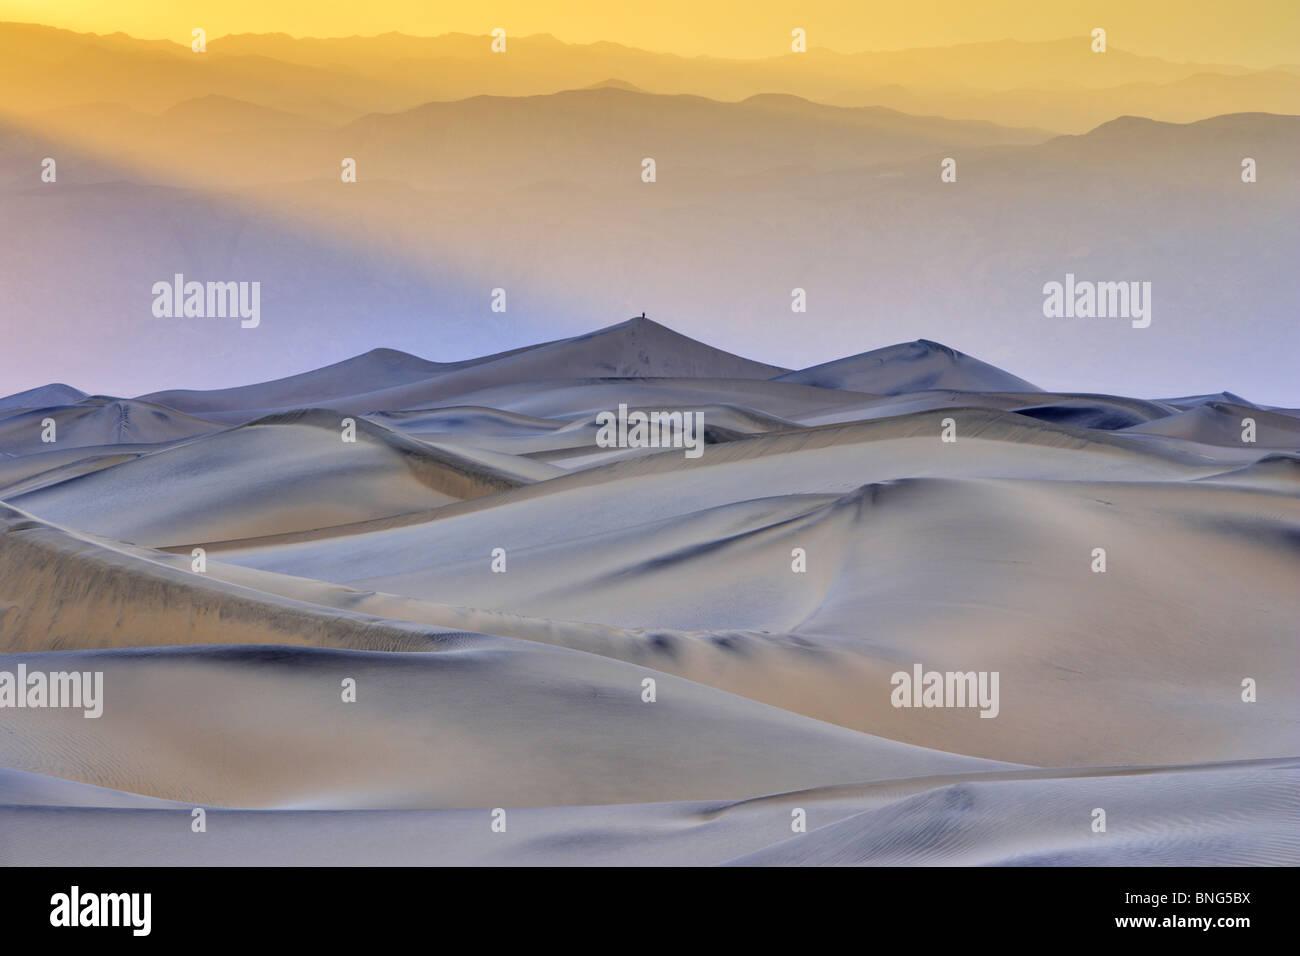 Le dune di sabbia in un deserto, Mesquite Flat dune, Valle della Morte, Panamint Range, CALIFORNIA, STATI UNITI Immagini Stock